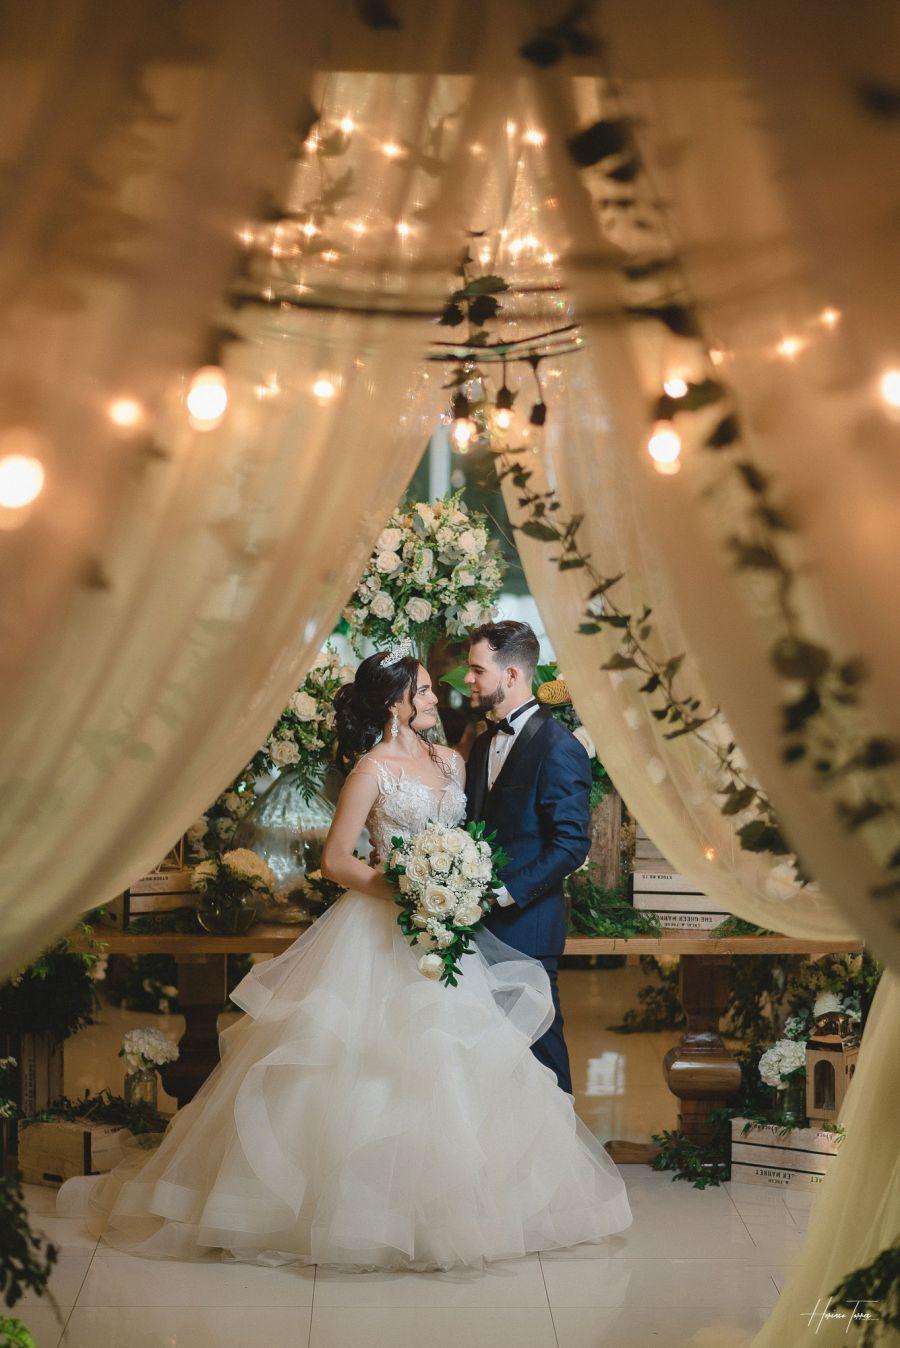 Vestido de novia en santiago república dominicana - Vigsel Store